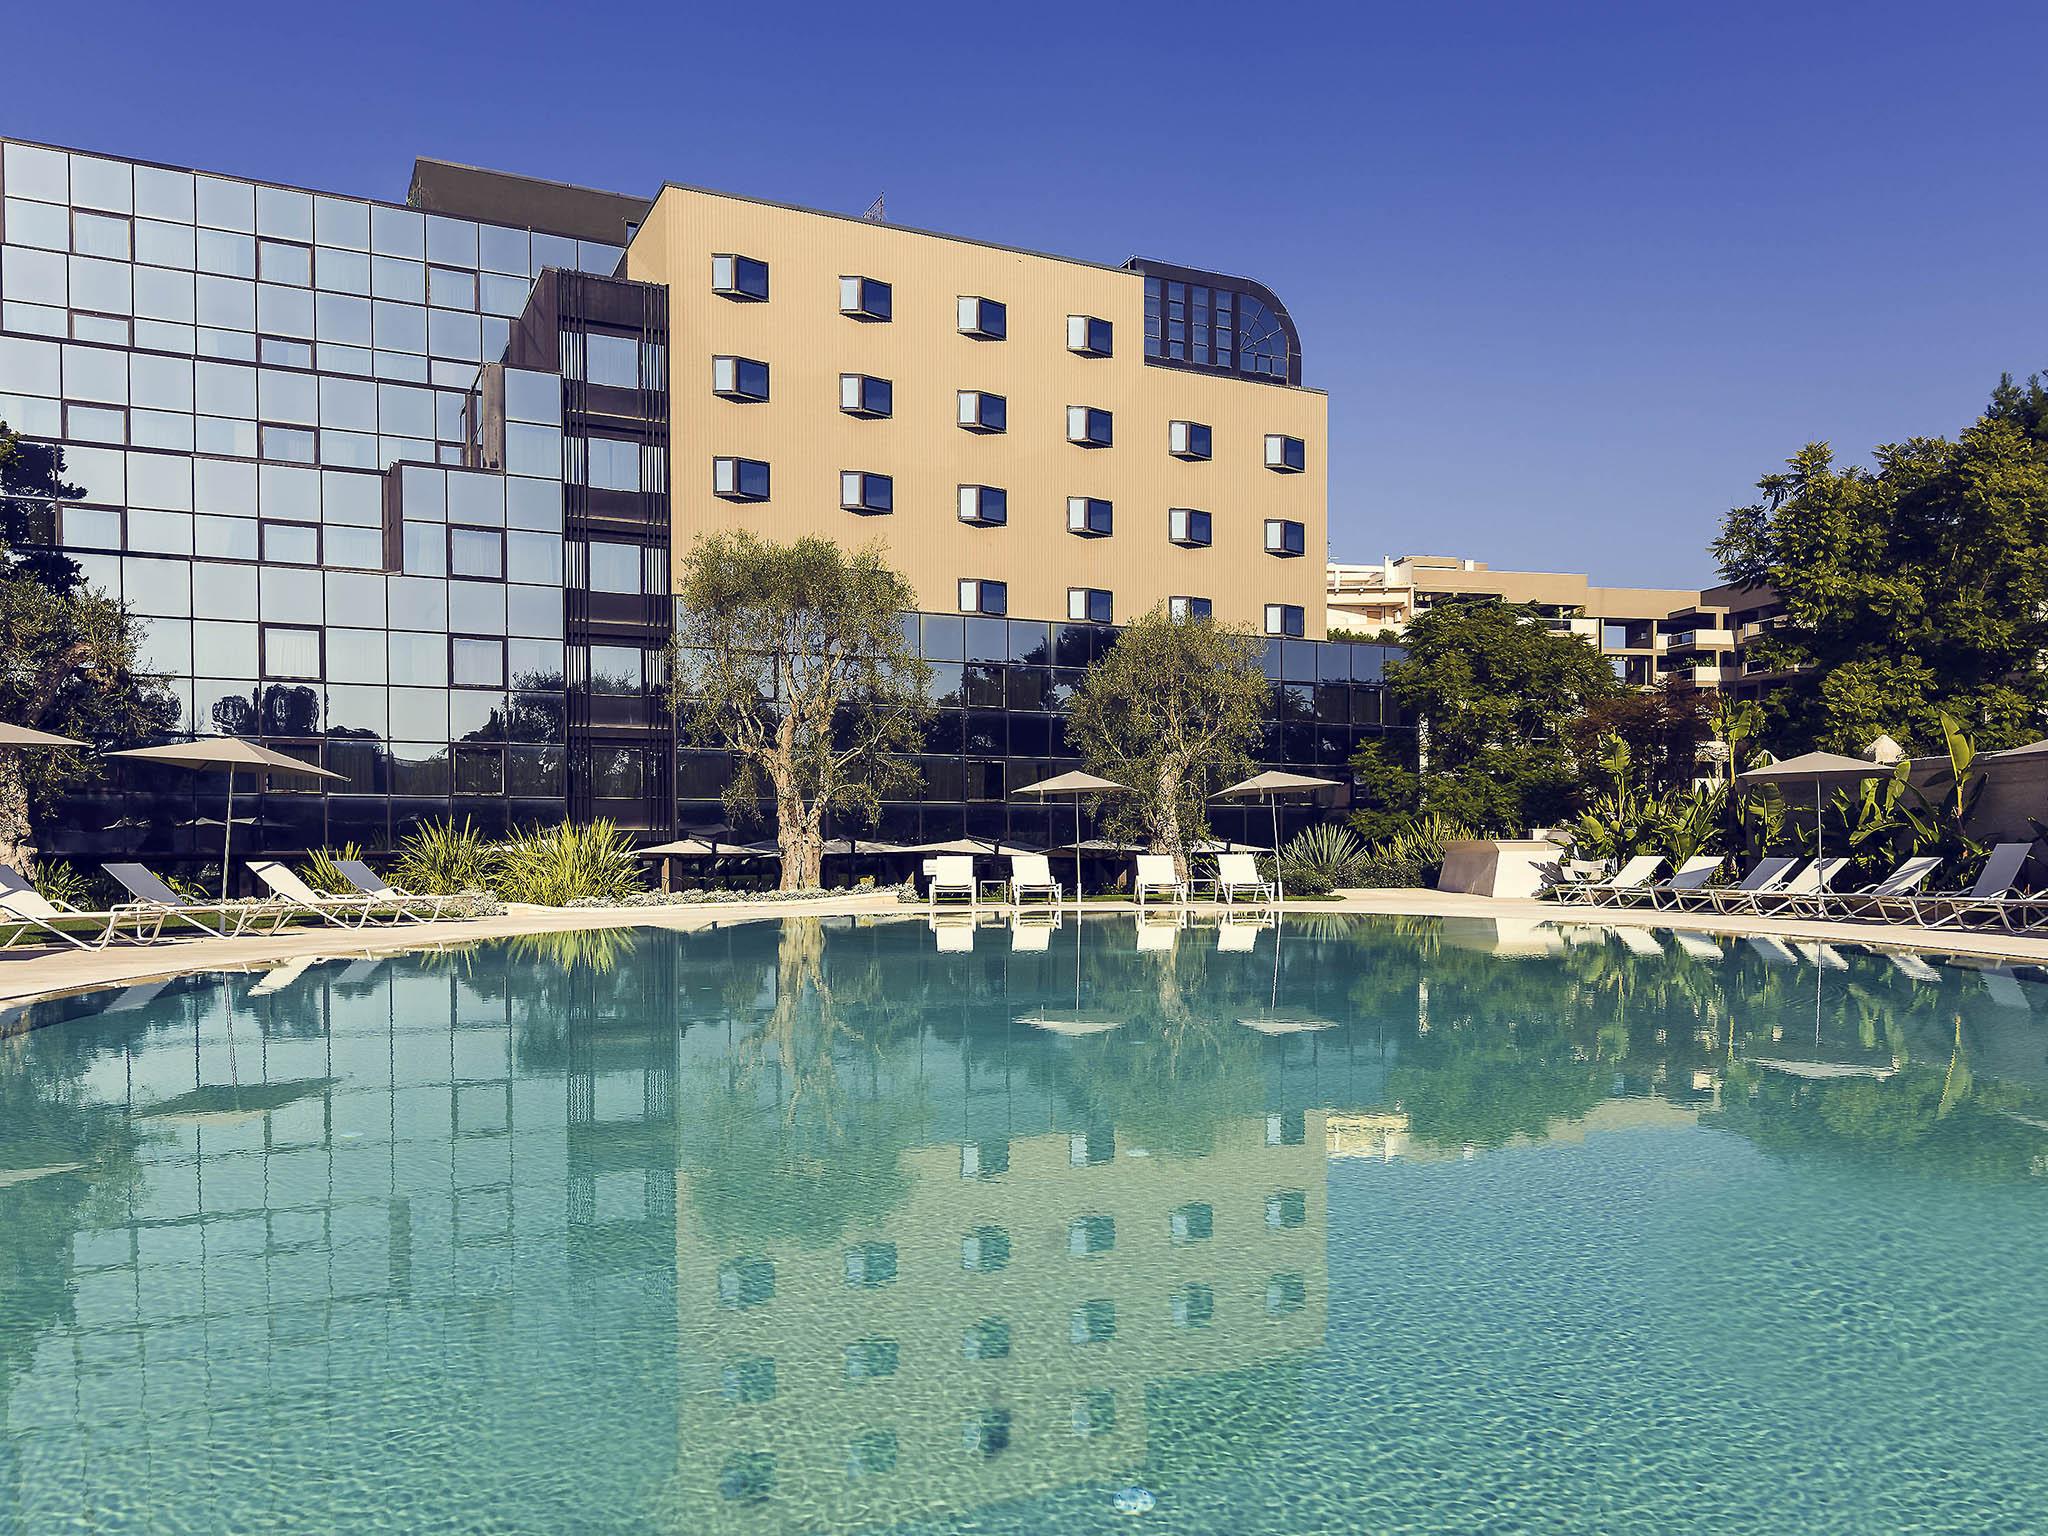 โรงแรม – Mercure Villa Romanazzi Carducci Bari